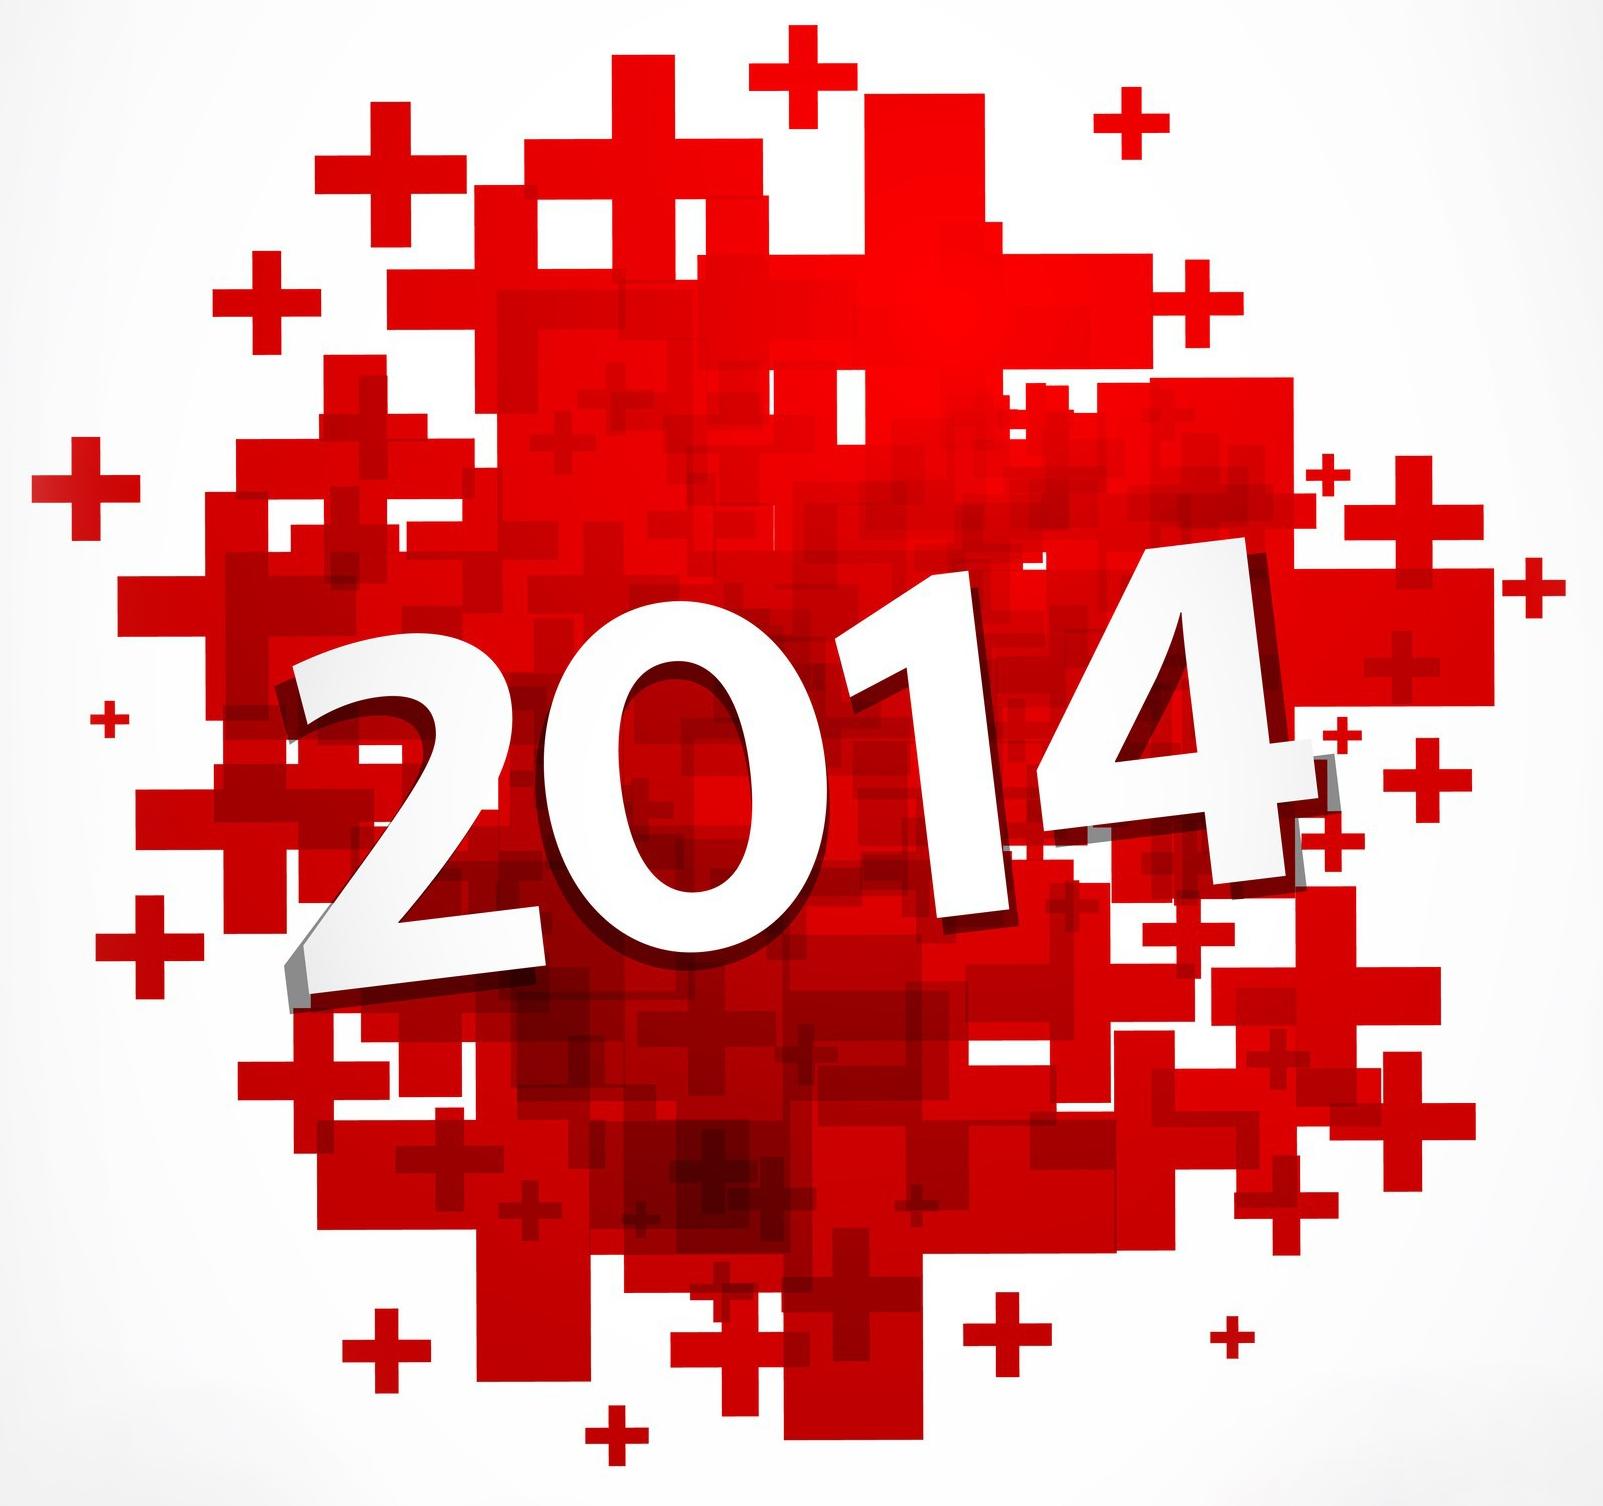 Positiv start på året blev afløst af pessimisme i løbet af januar